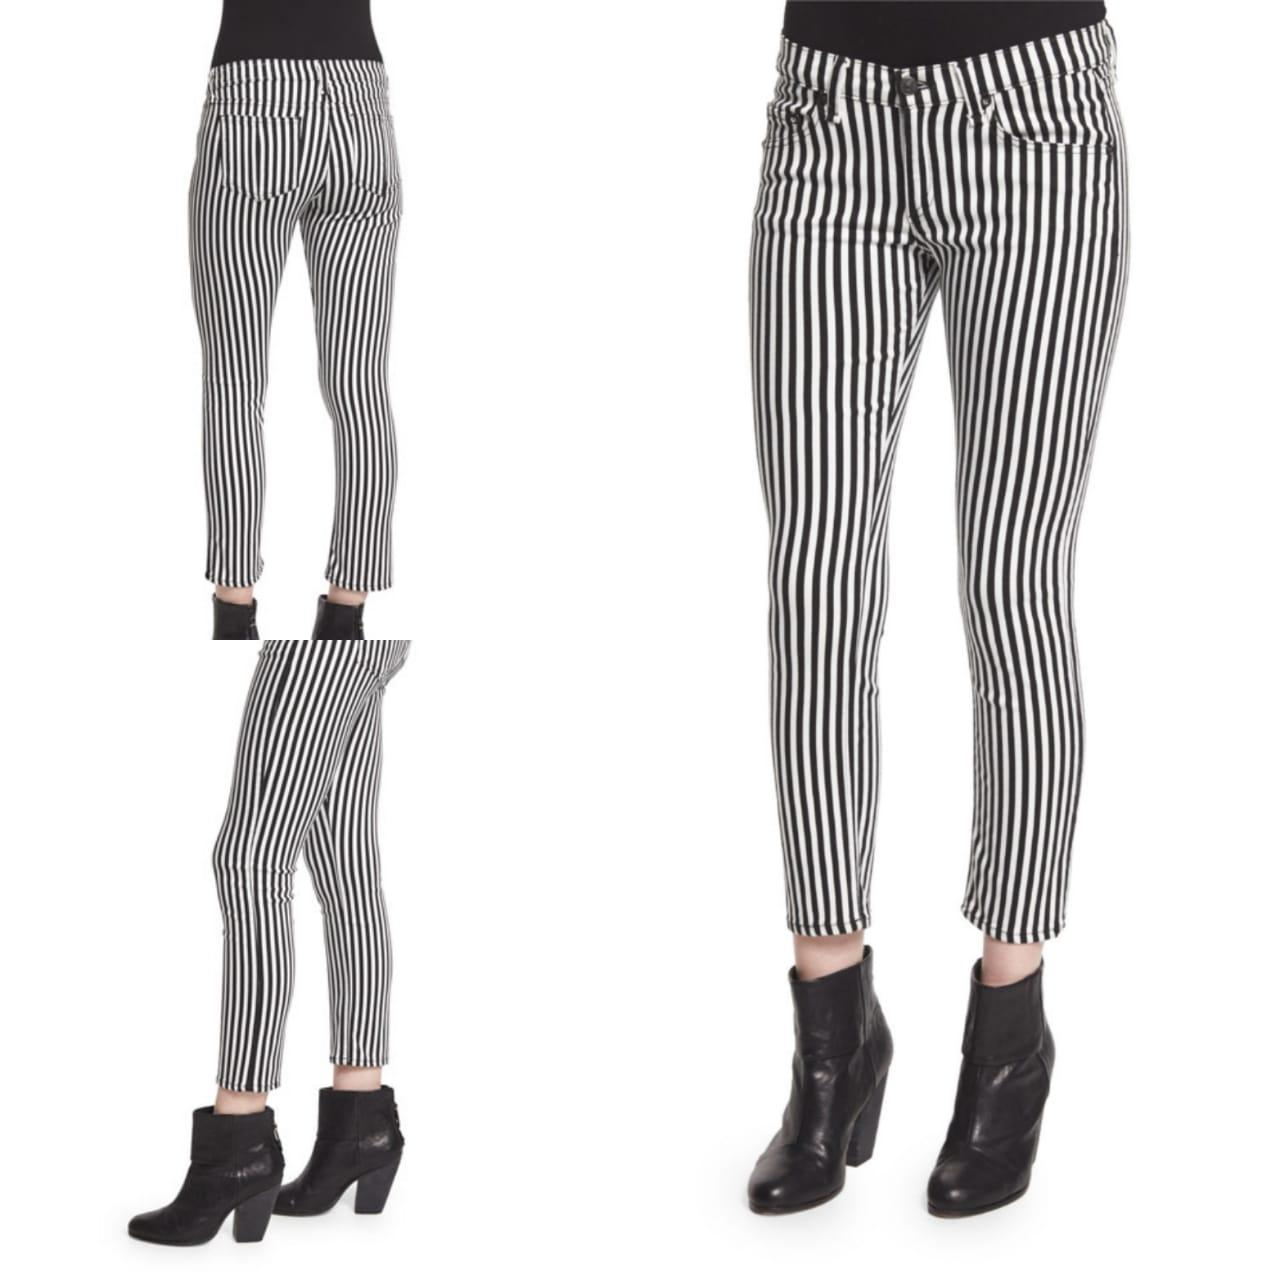 837c2d75281c Zebra Stripe Jeans - Branded